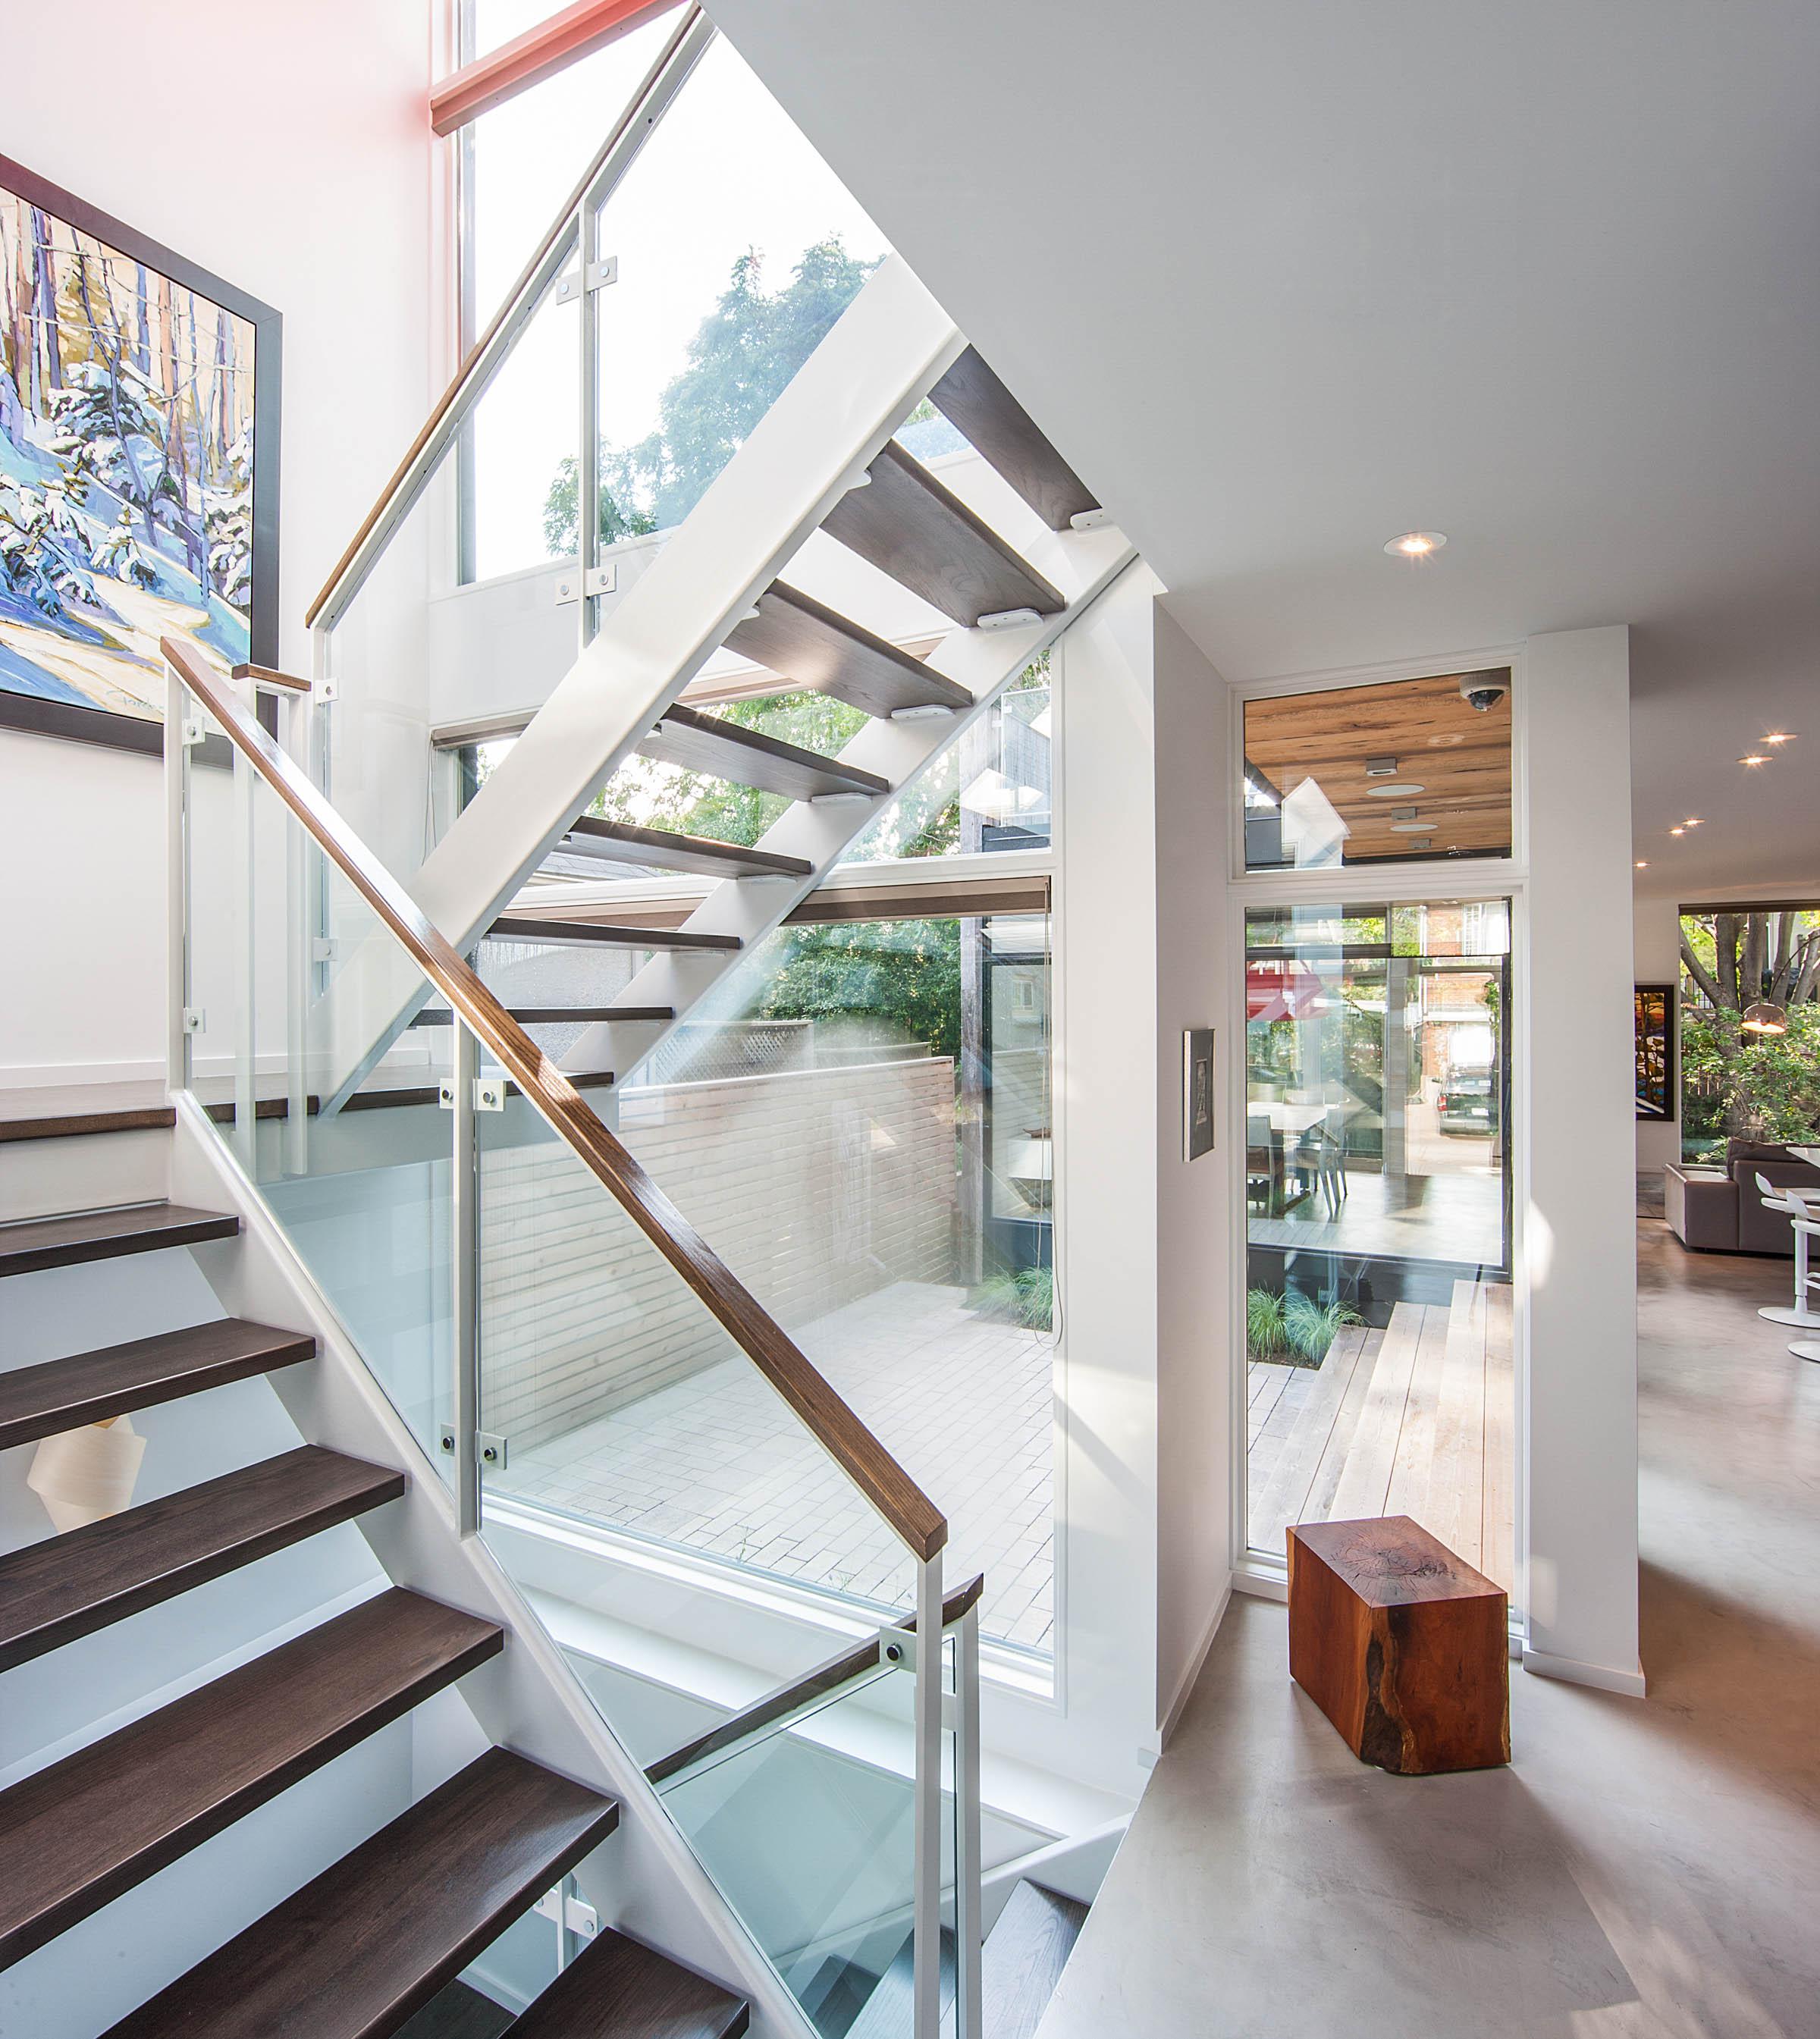 diseo de escaleras con peldaos de madera permite el ingreso de la luz a travs de